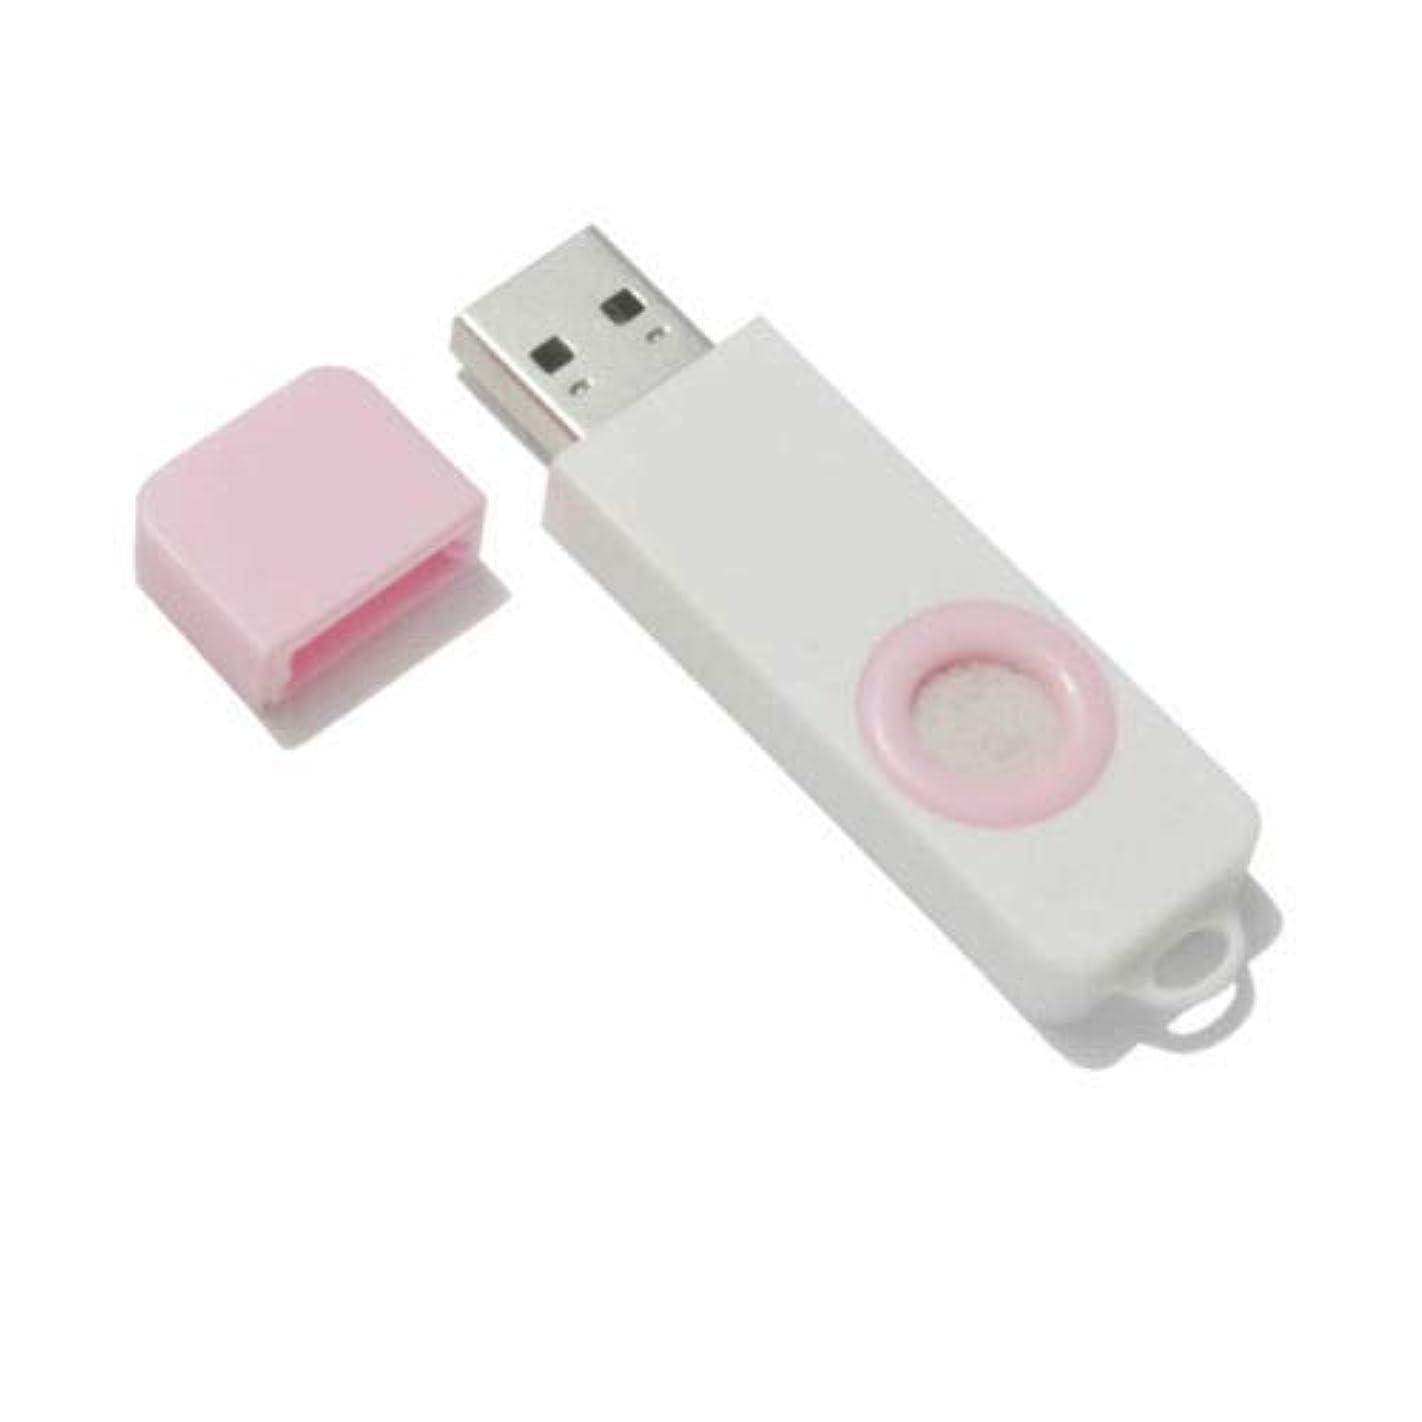 船員クラウド検出可能FidgetGear Essential Oil Diffuser USB Port Air Freshener Office Home aromatherapy Pink